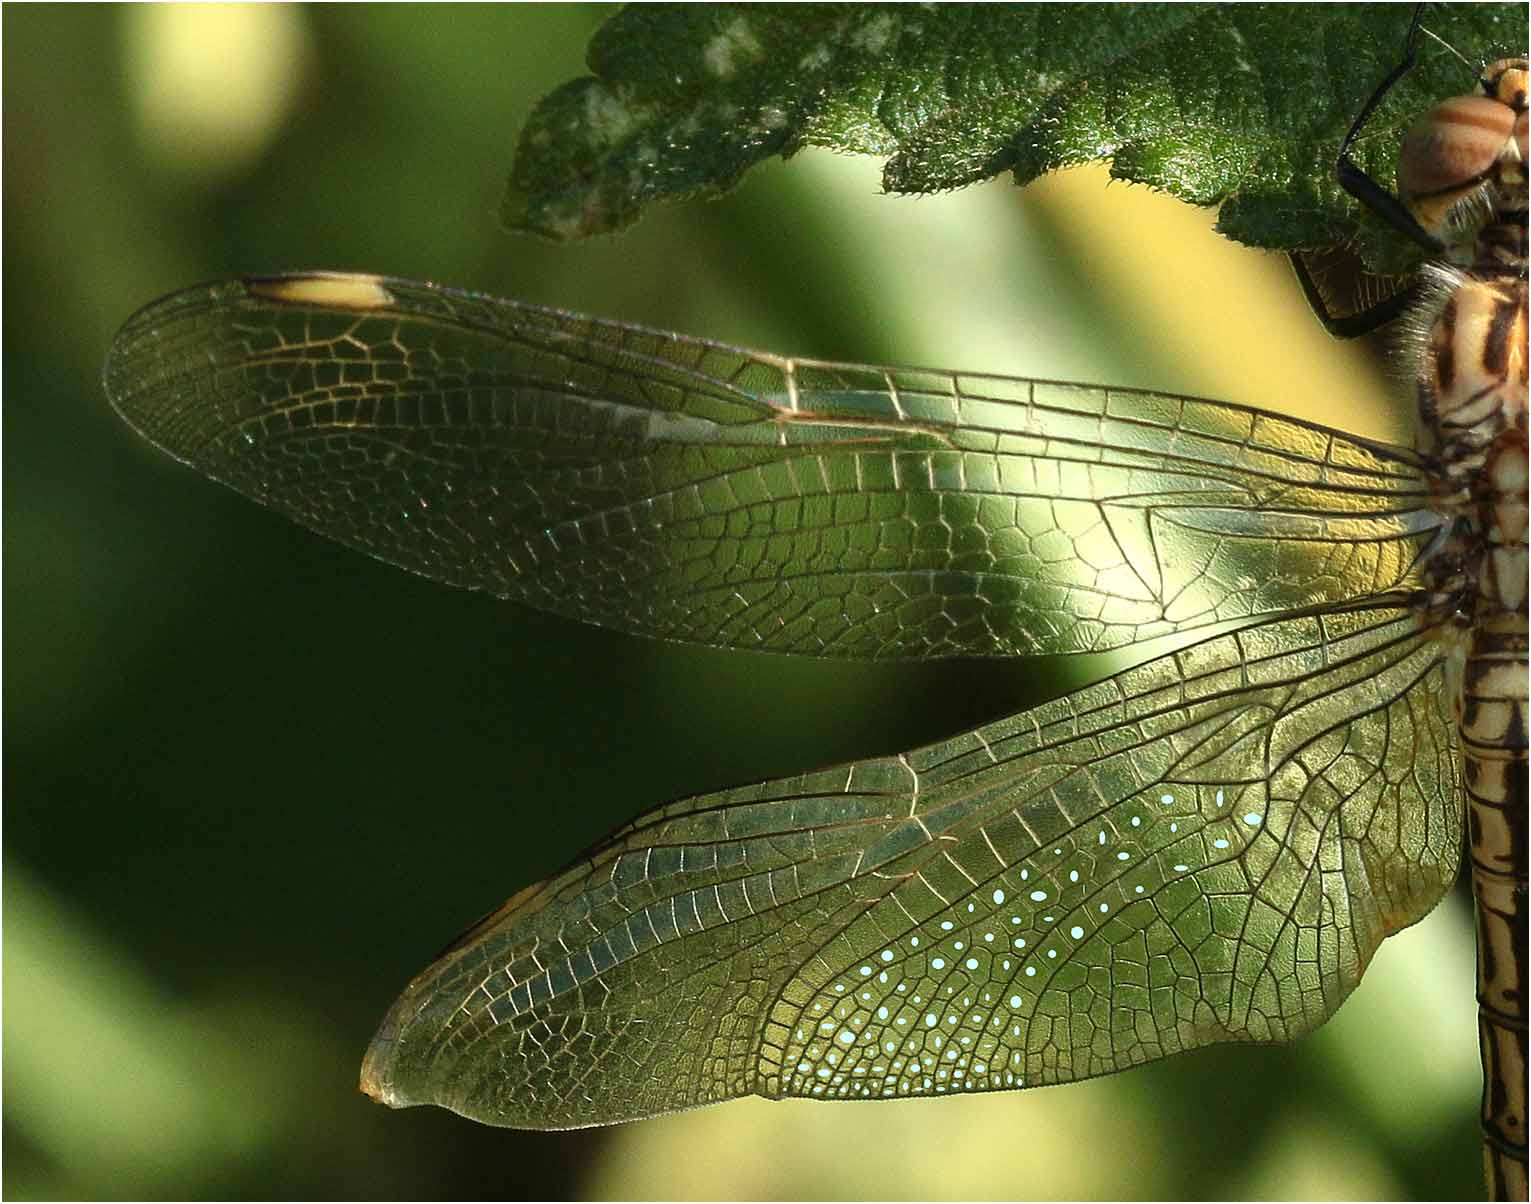 Brachythemis impartita mâle, cellules du champ discoïdal de l'aile postérieure, lac Lagano, 01/11/2018